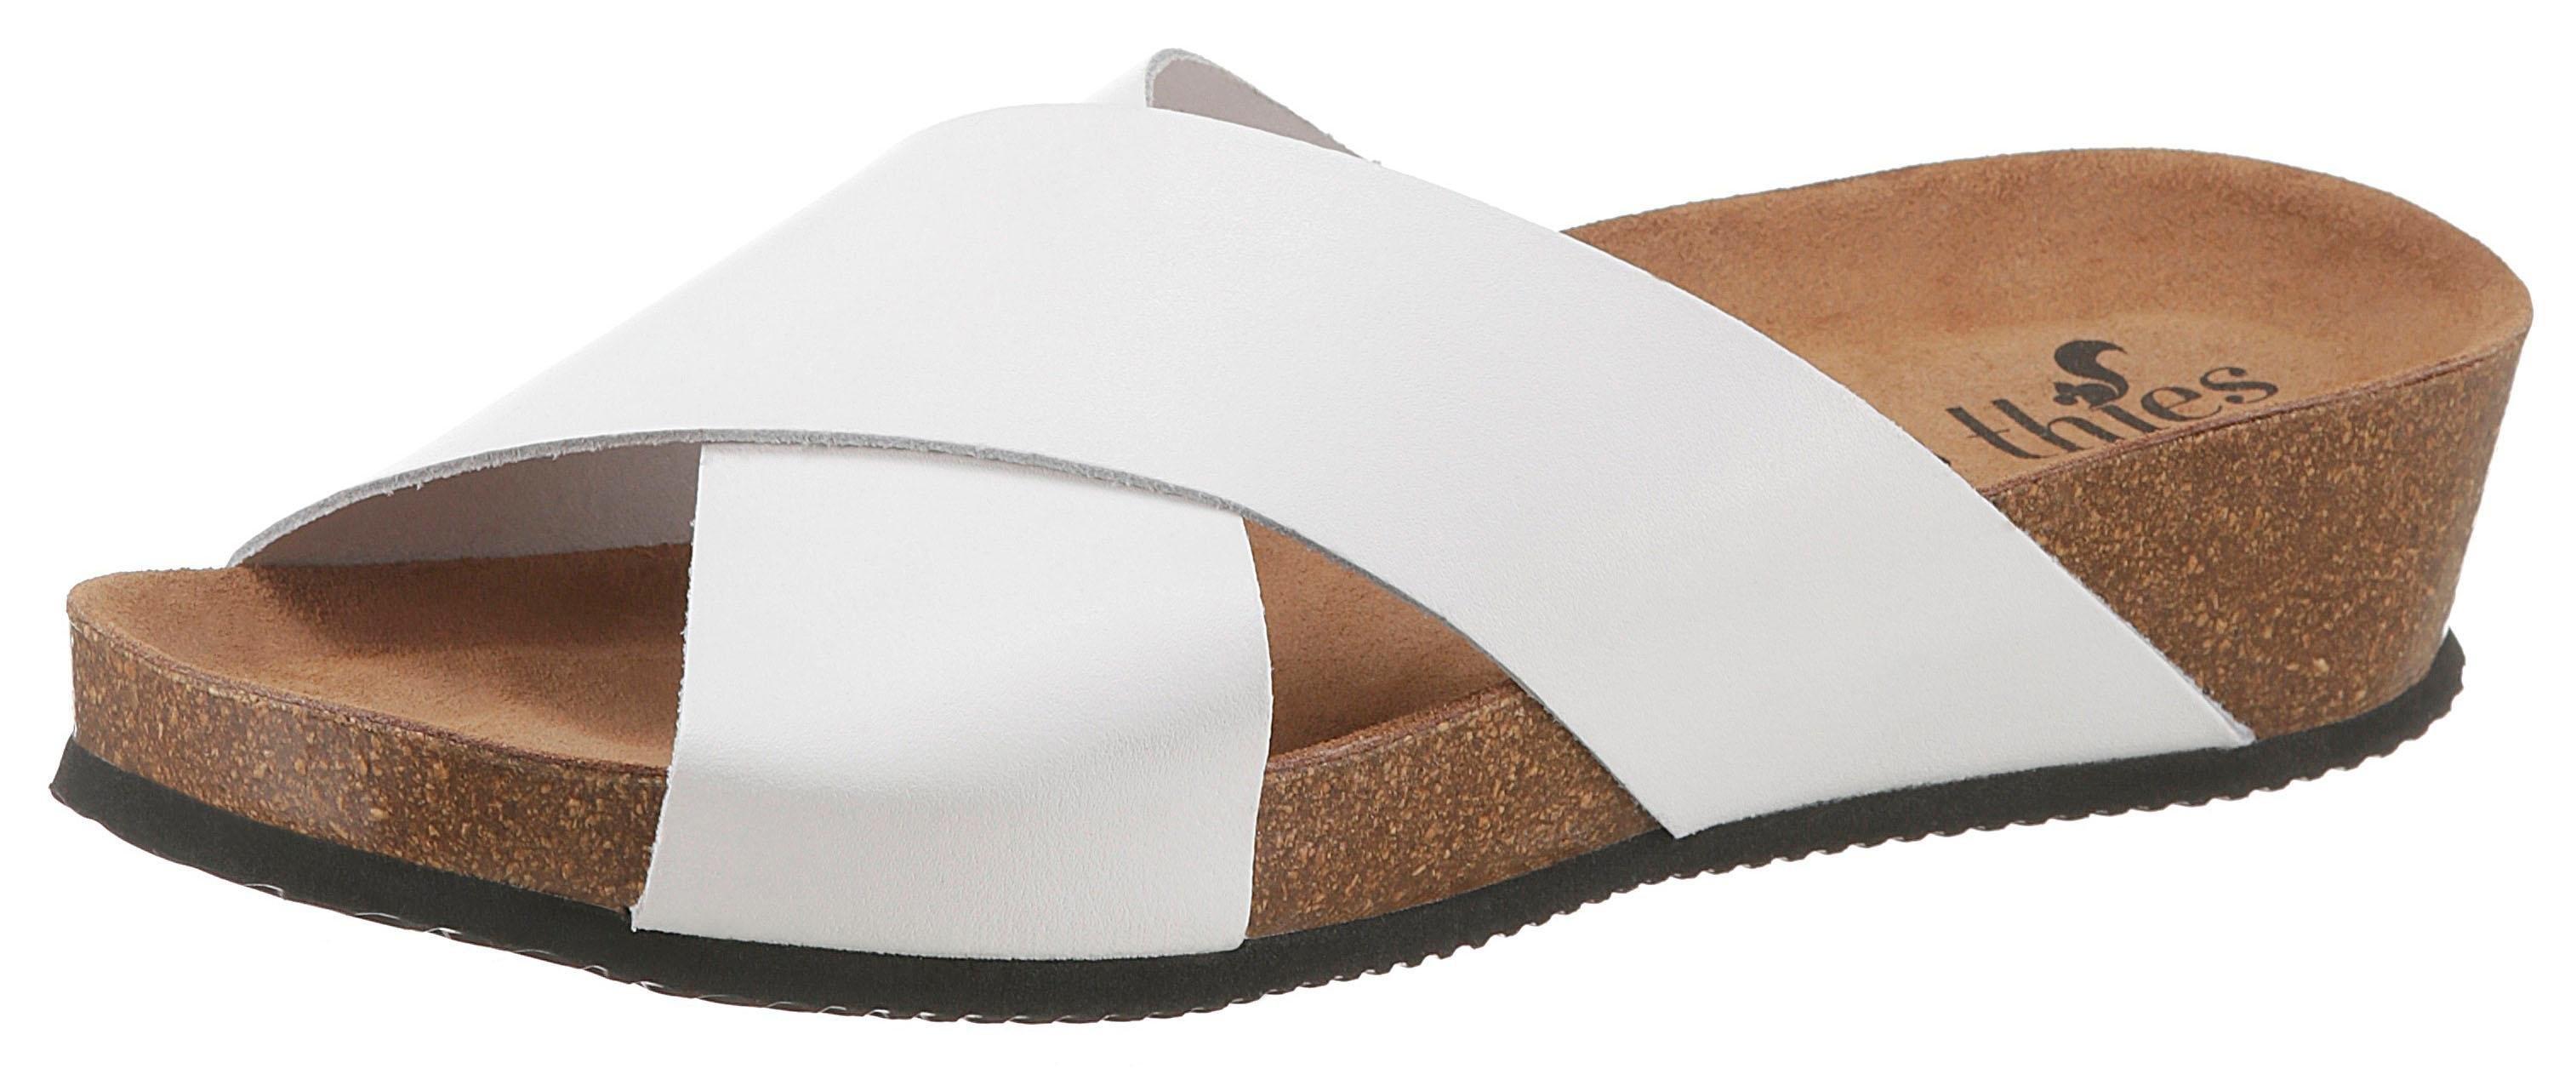 Thies slippers nu online bestellen